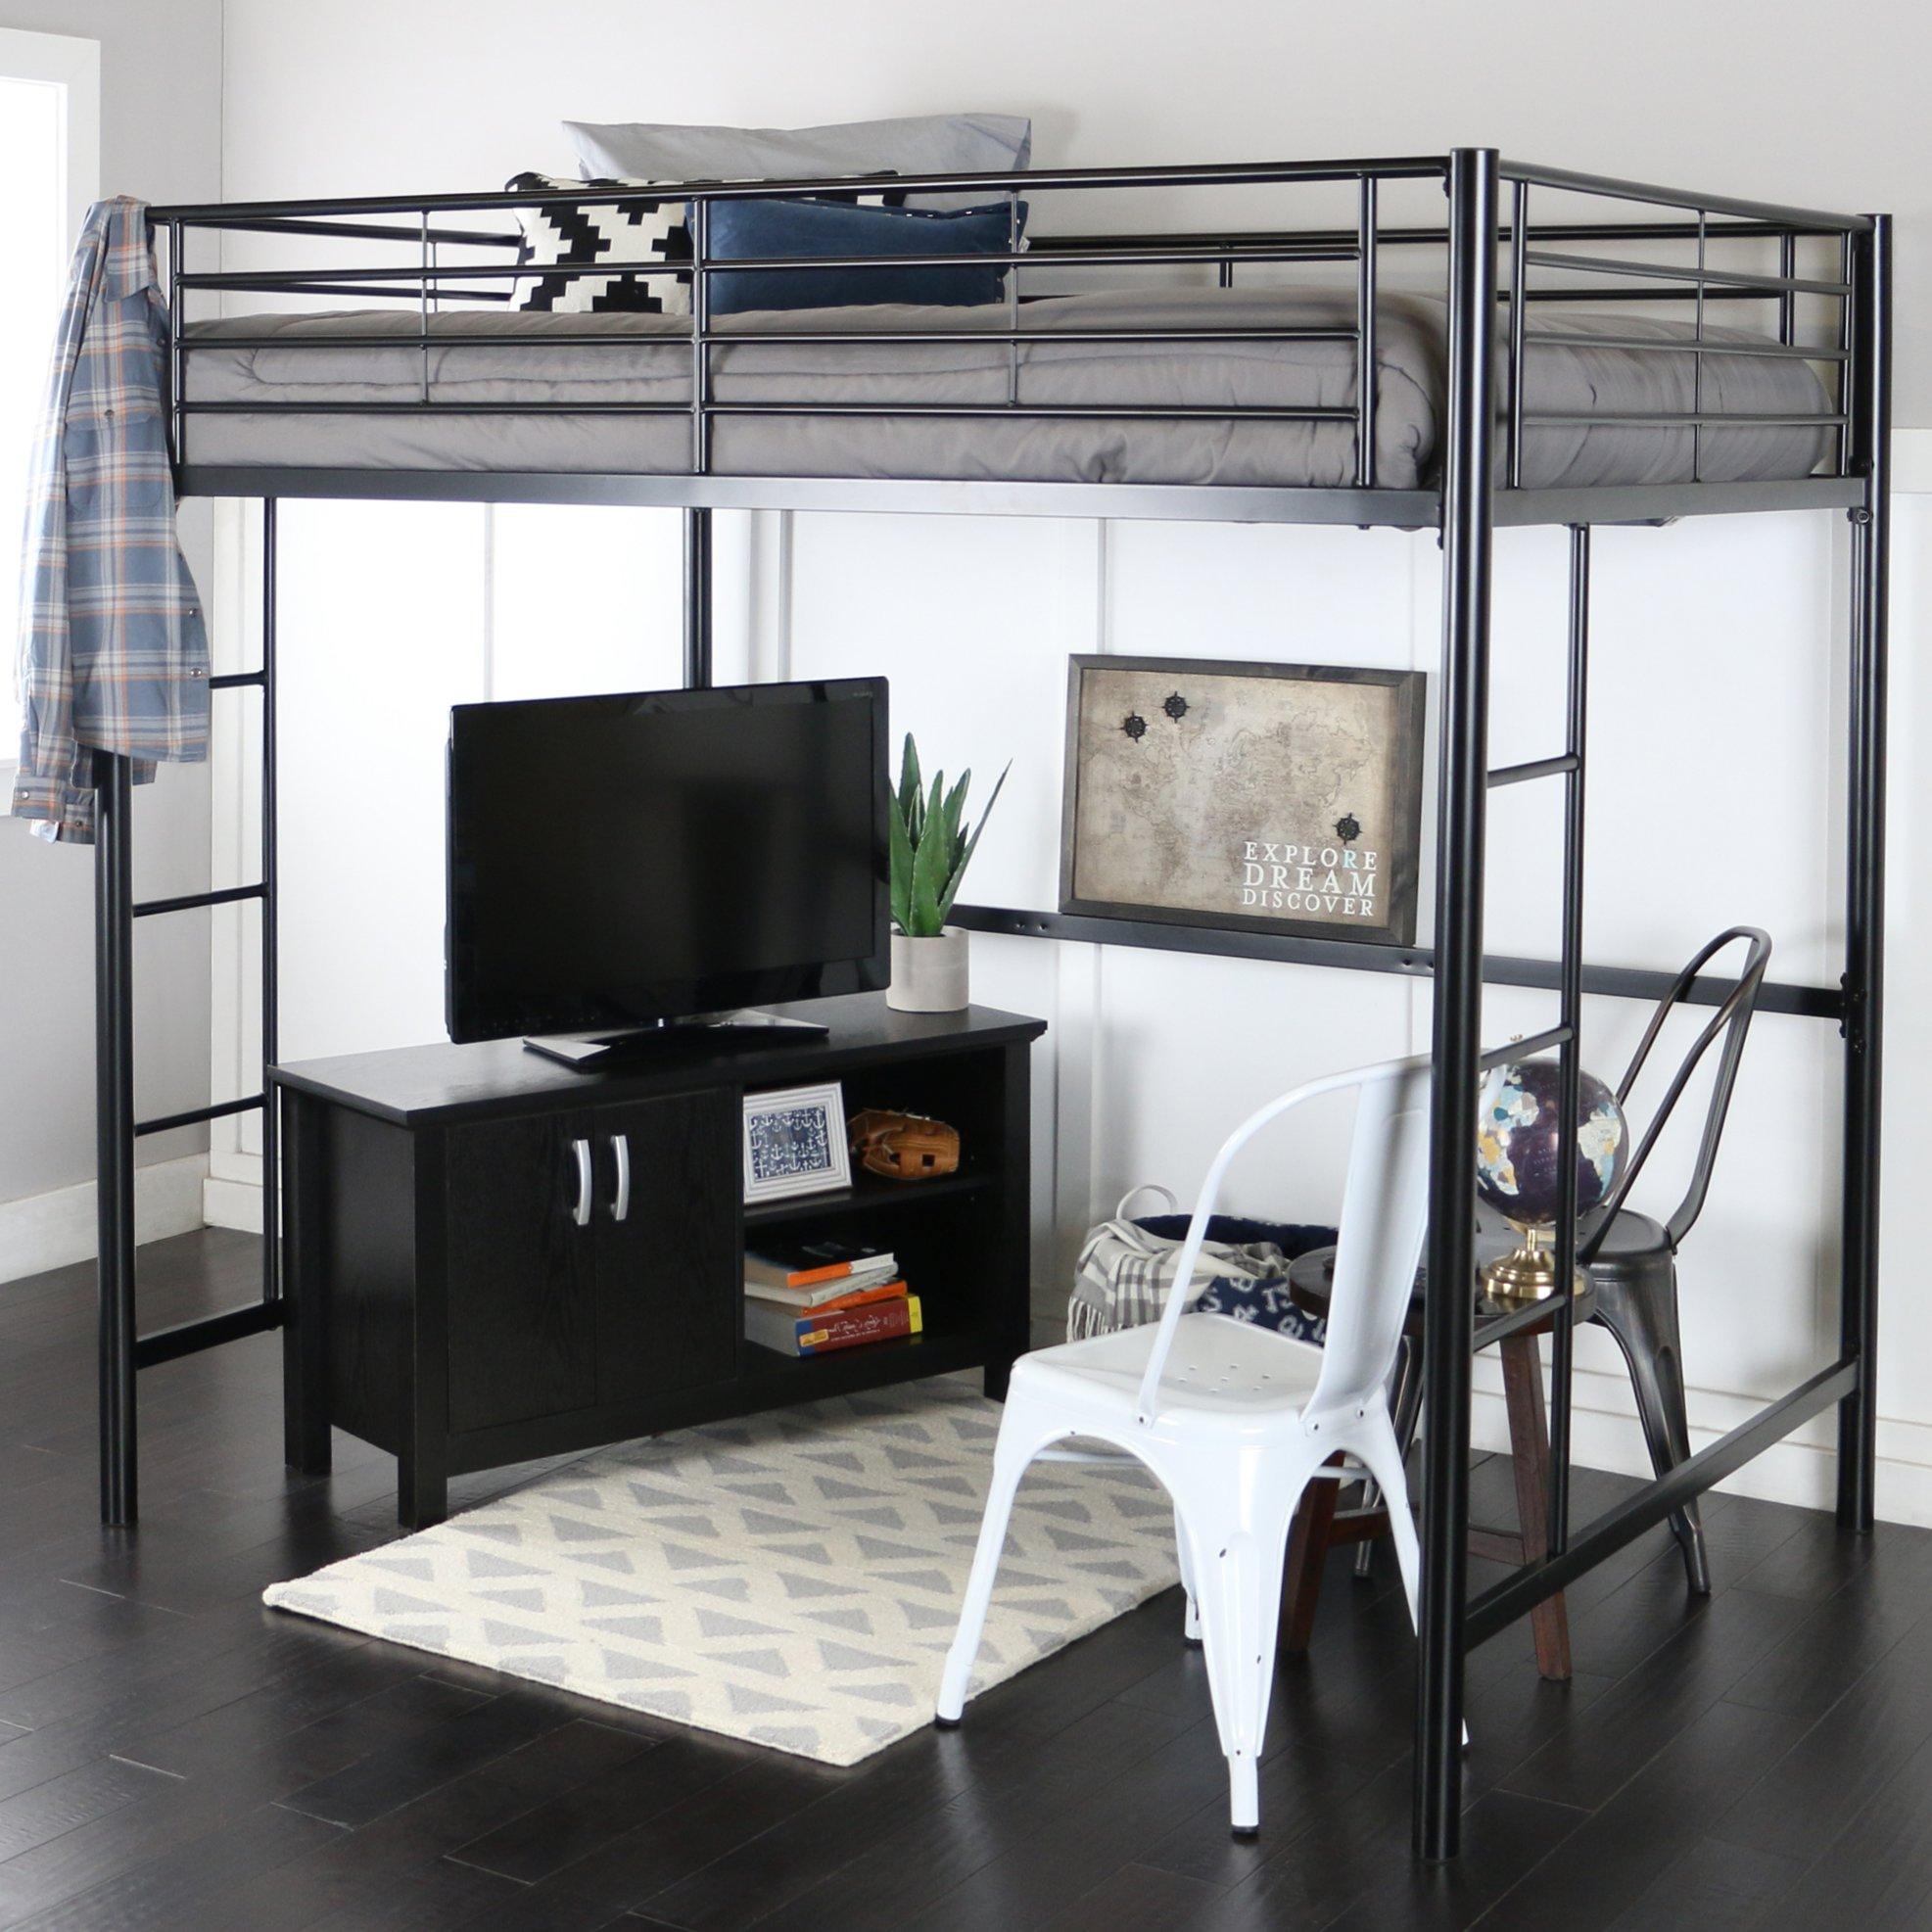 Как обустроить небольшую комнату металлической мебелью